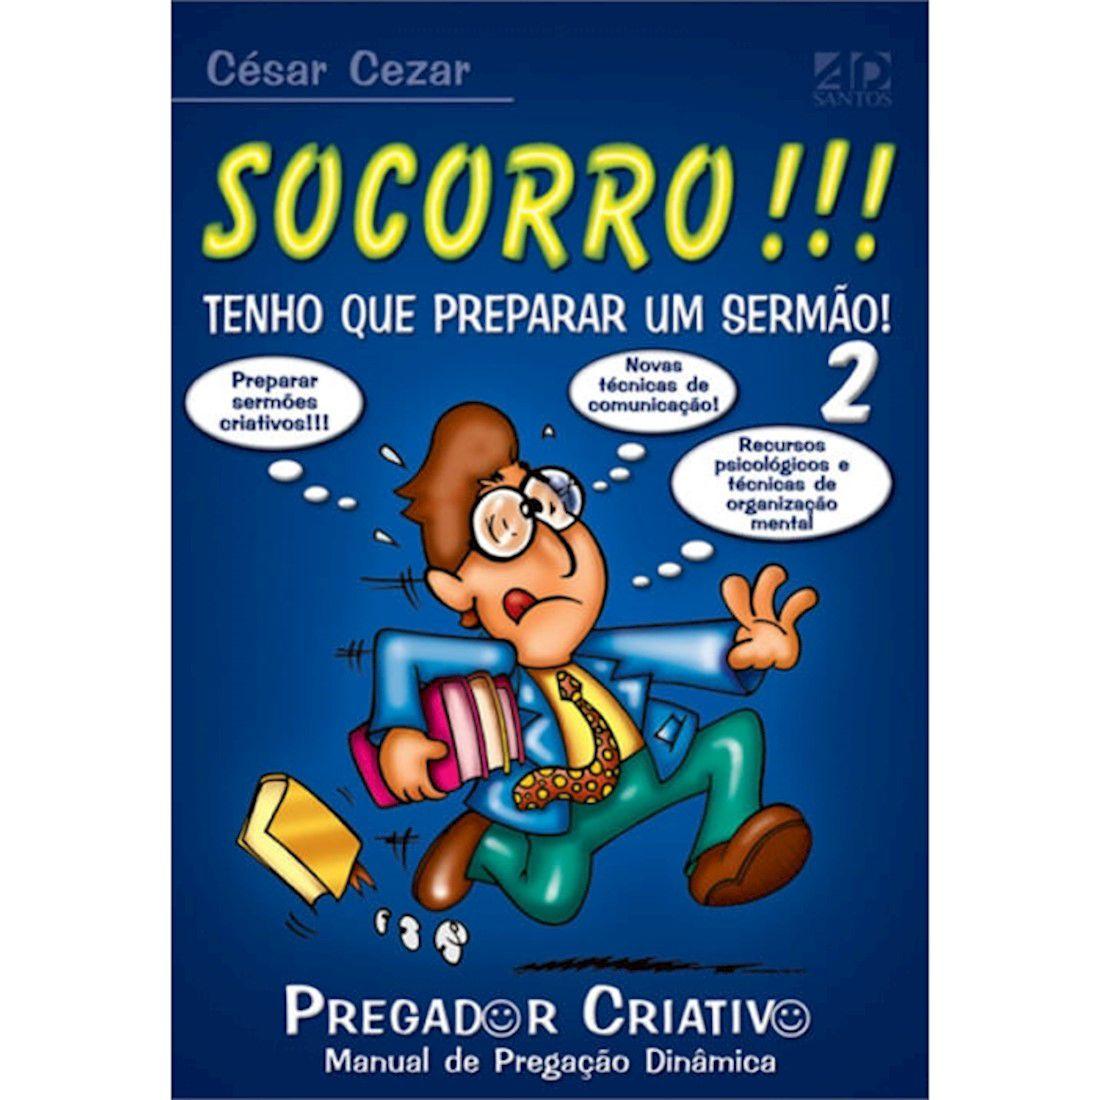 Livro Socorro!!! Tenho Que Preparar Um Sermão! - Vol. 2 - Série Pregador Criativo